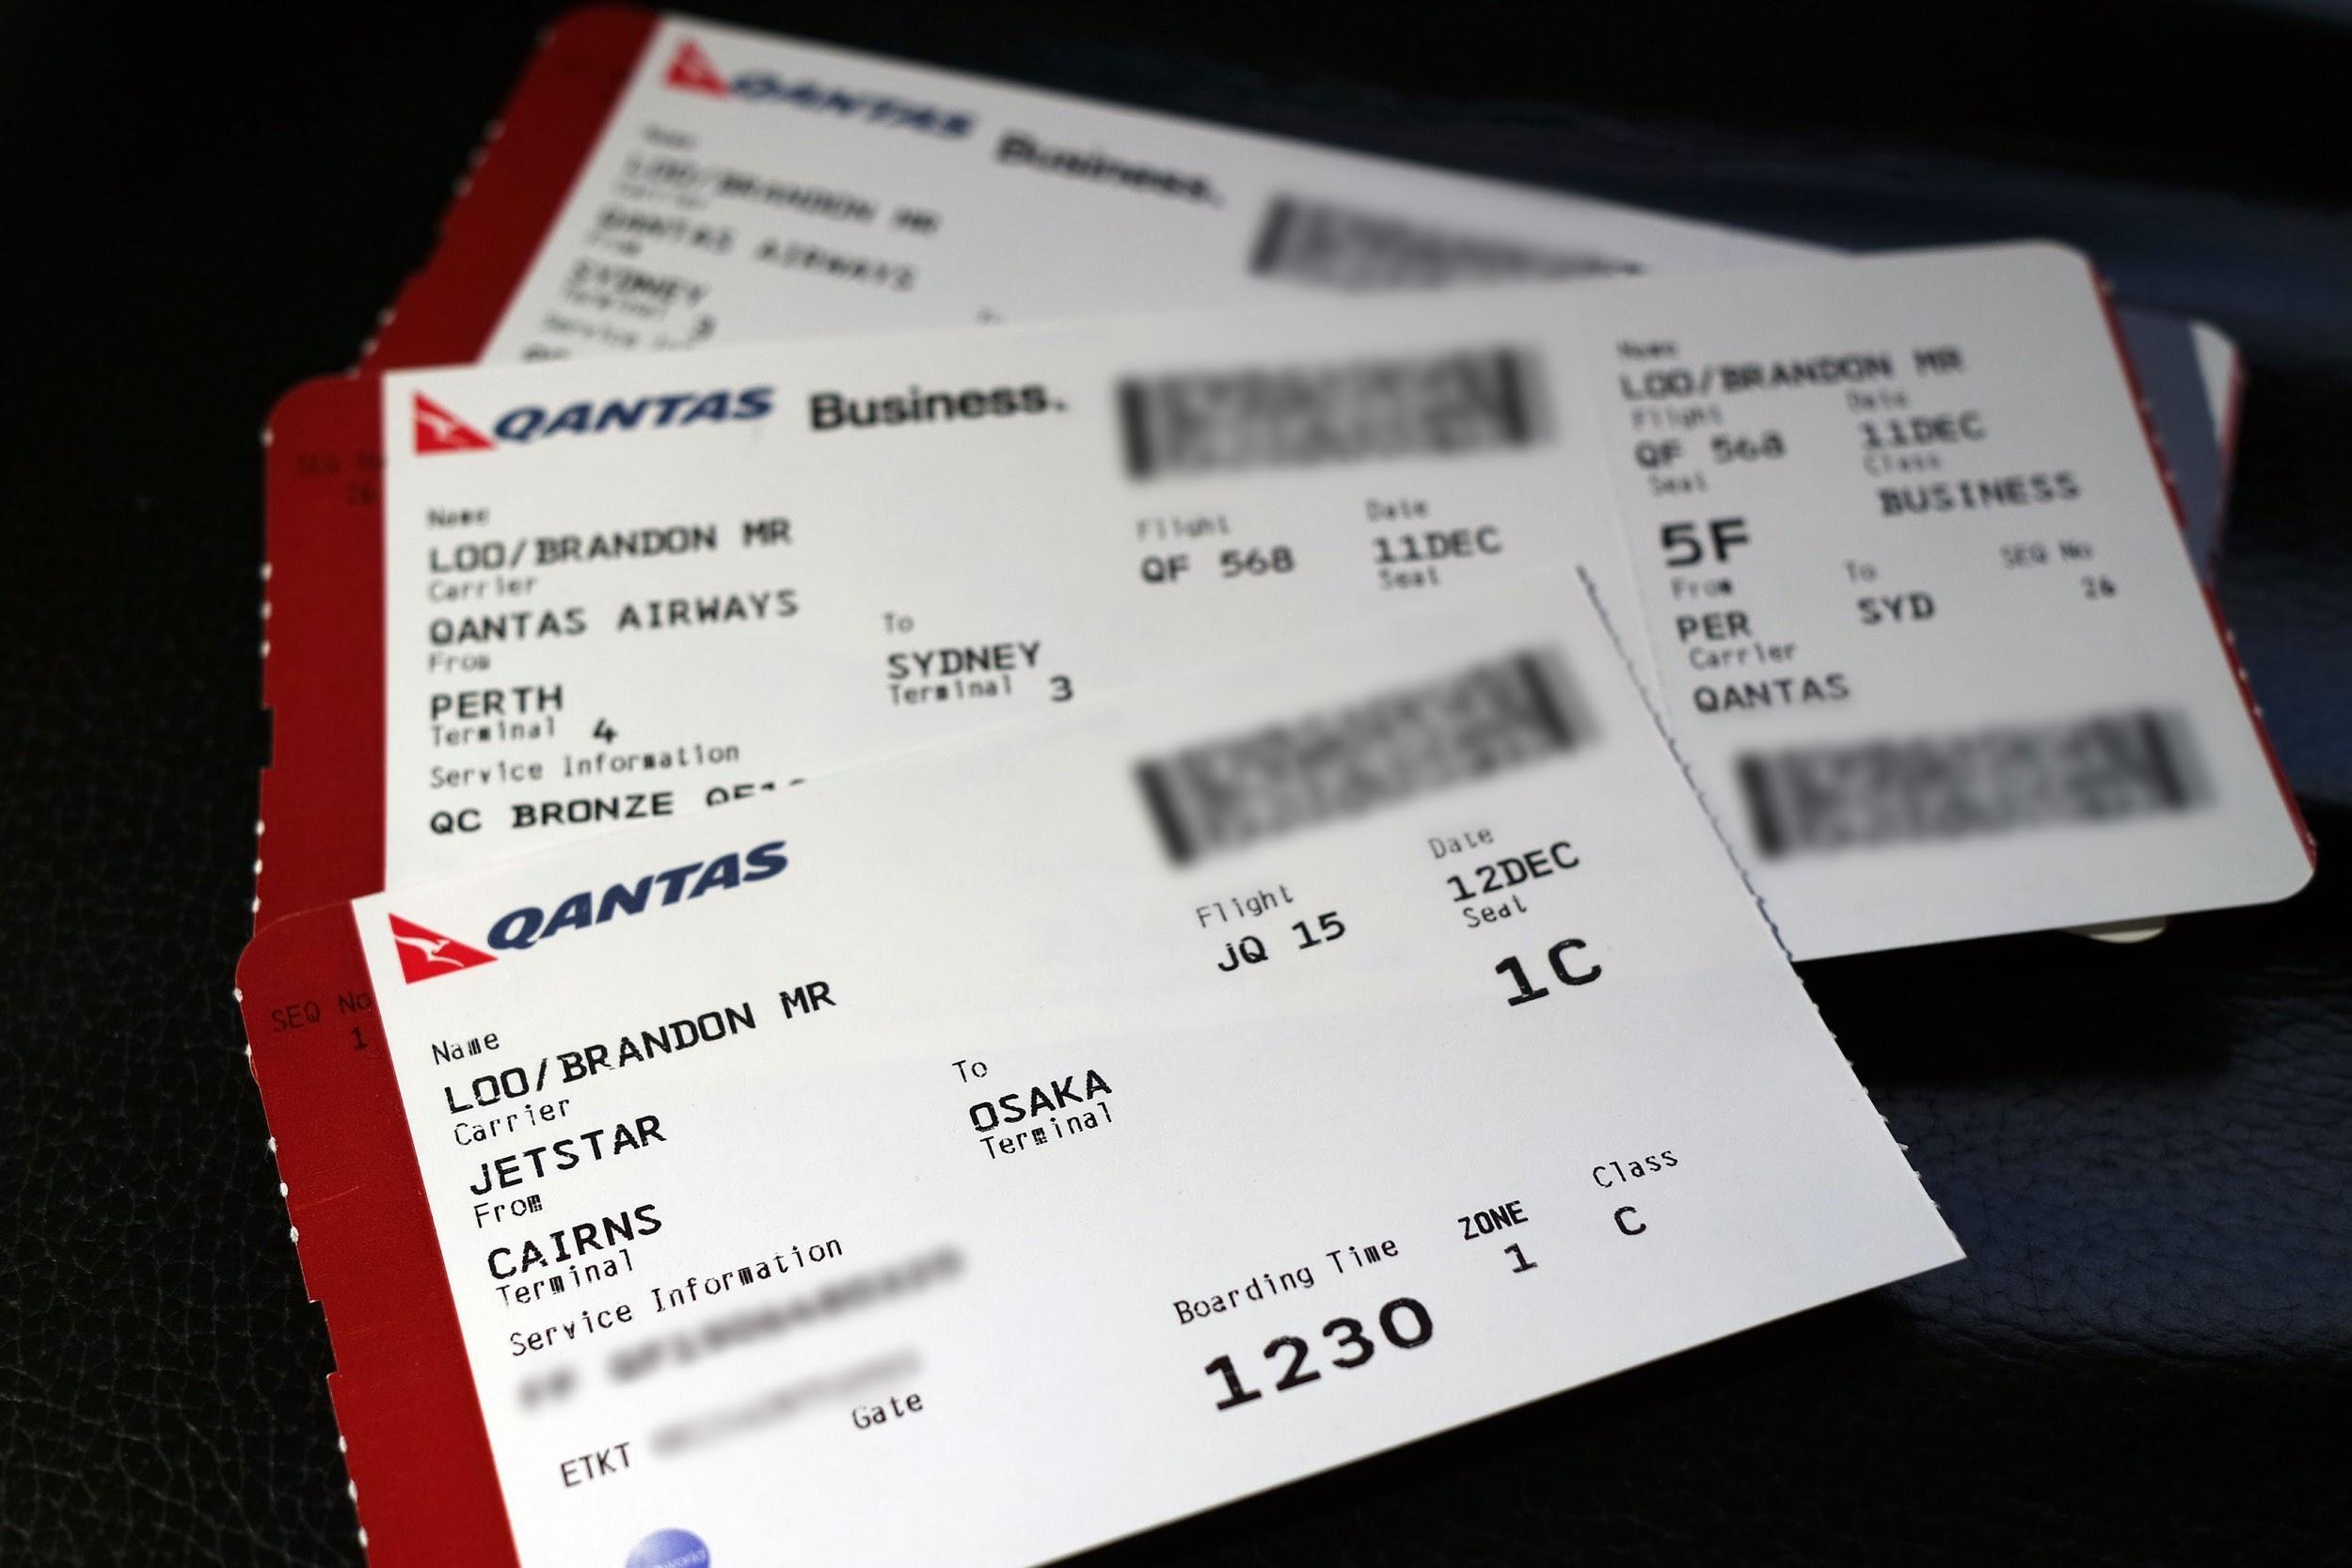 Jetstar 787 Business Class Cairns To Osaka Jq15 Review